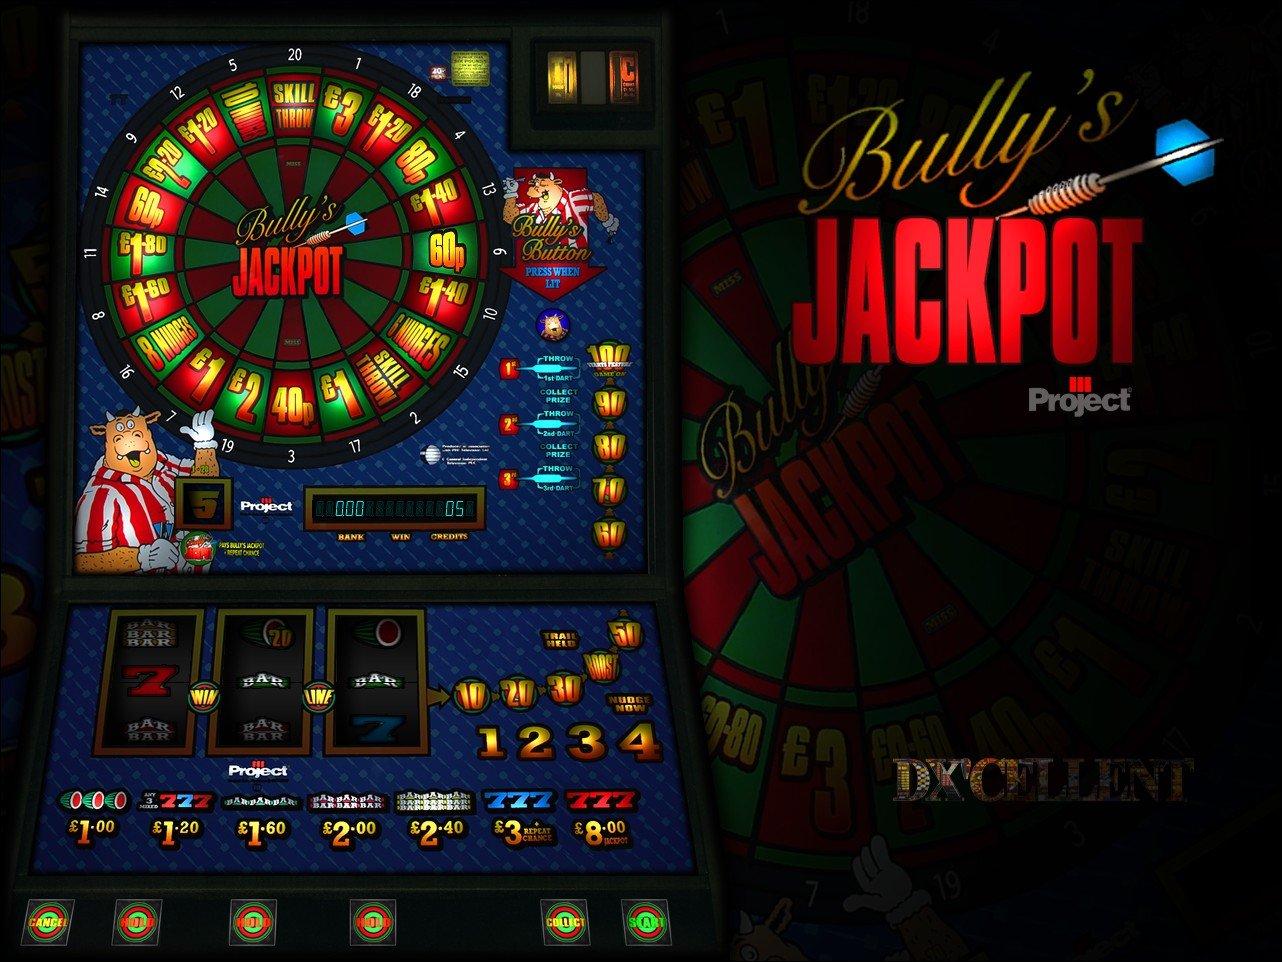 Bully's Jackpot DX_1.jpg